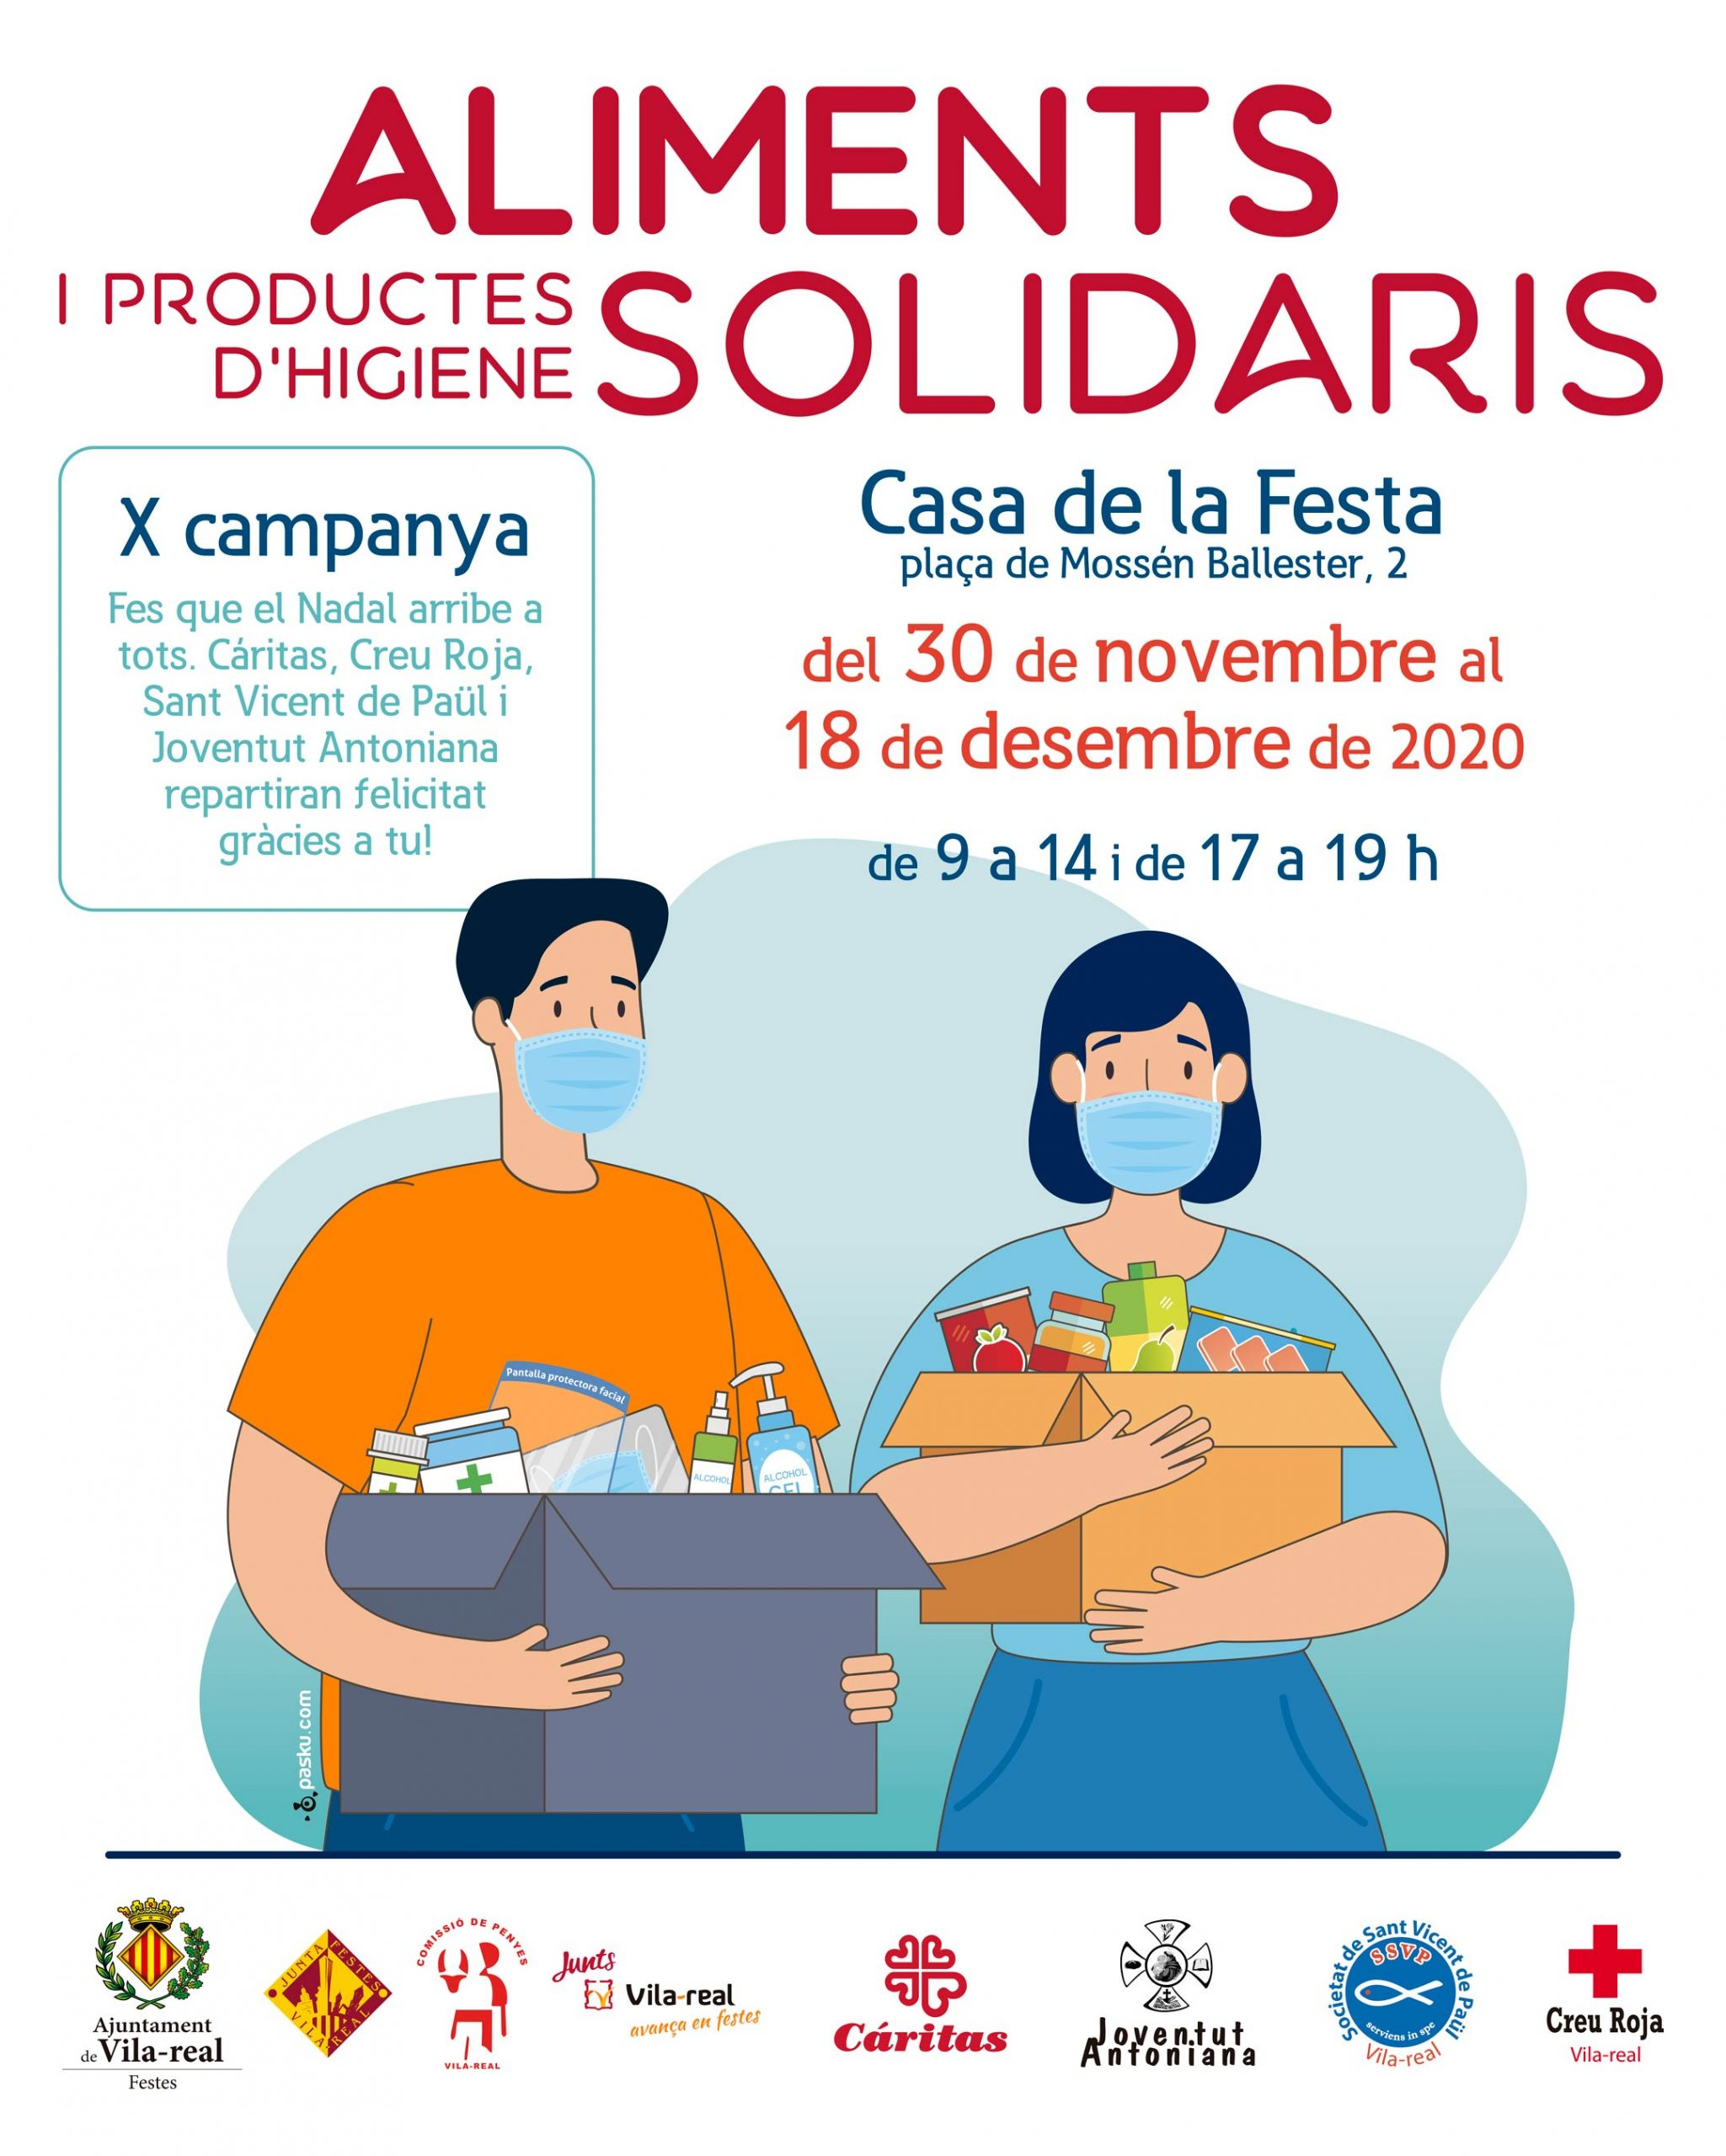 La Junta de Festes y la Comissió de Penyes adaptan la campaña solidaria de Navidad a la pandemia y recogerán comida y productos de higiene